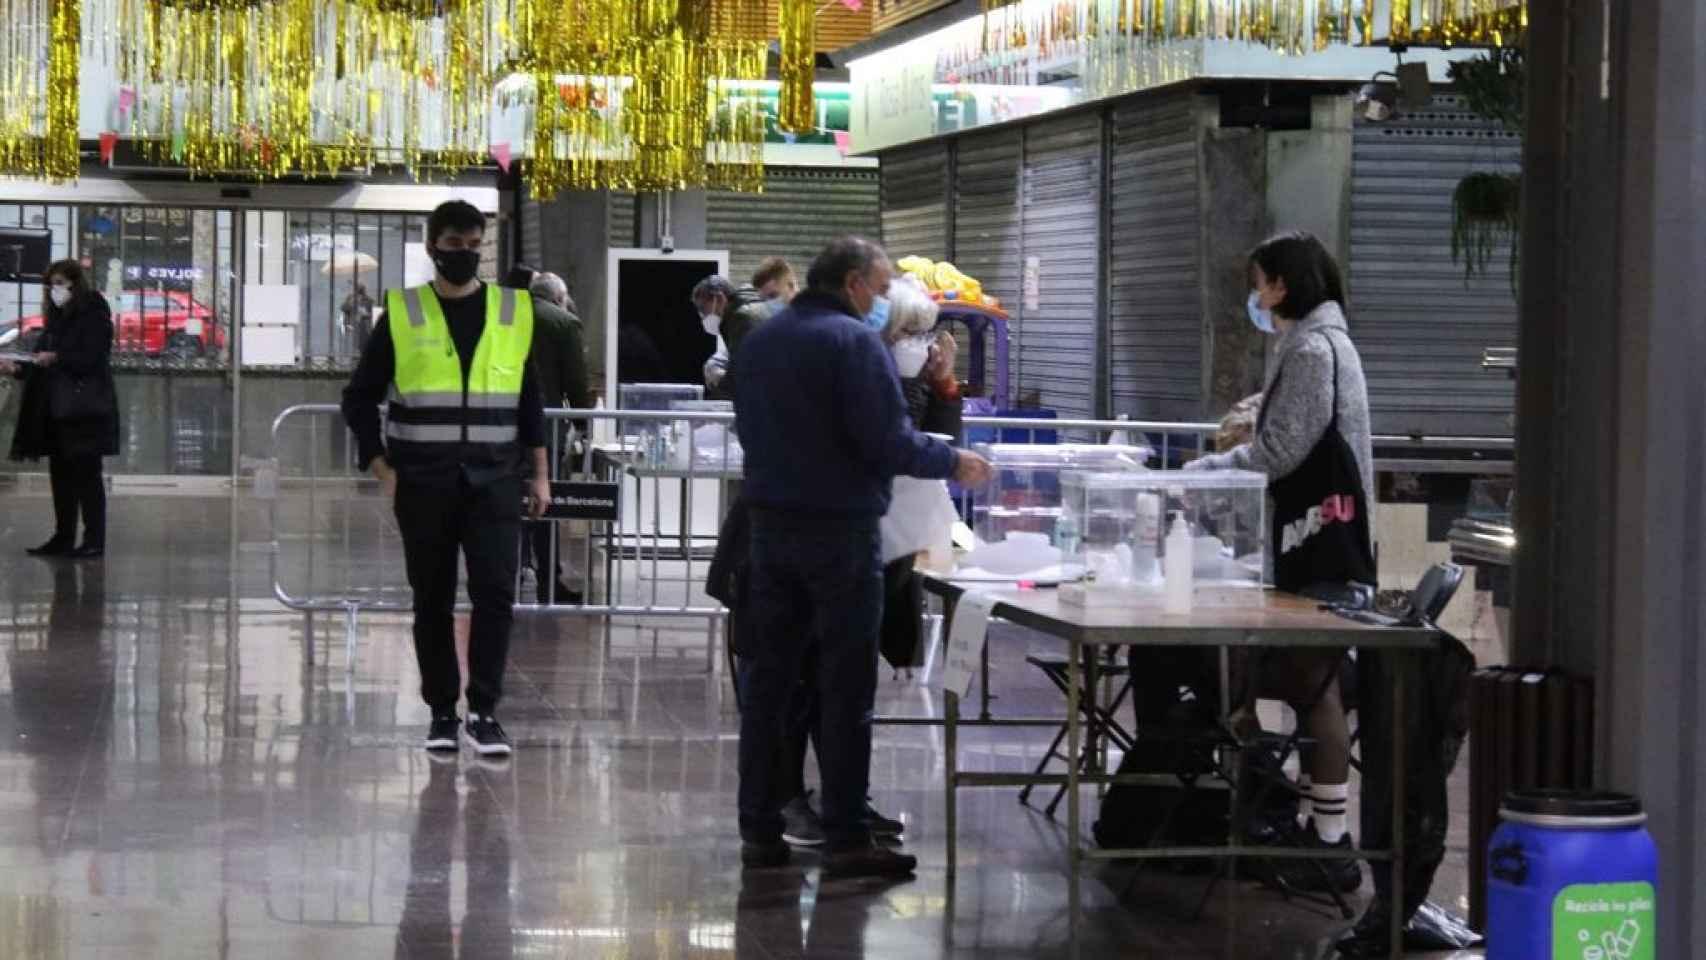 Las jornada electoral en Cataluña, en imágenes